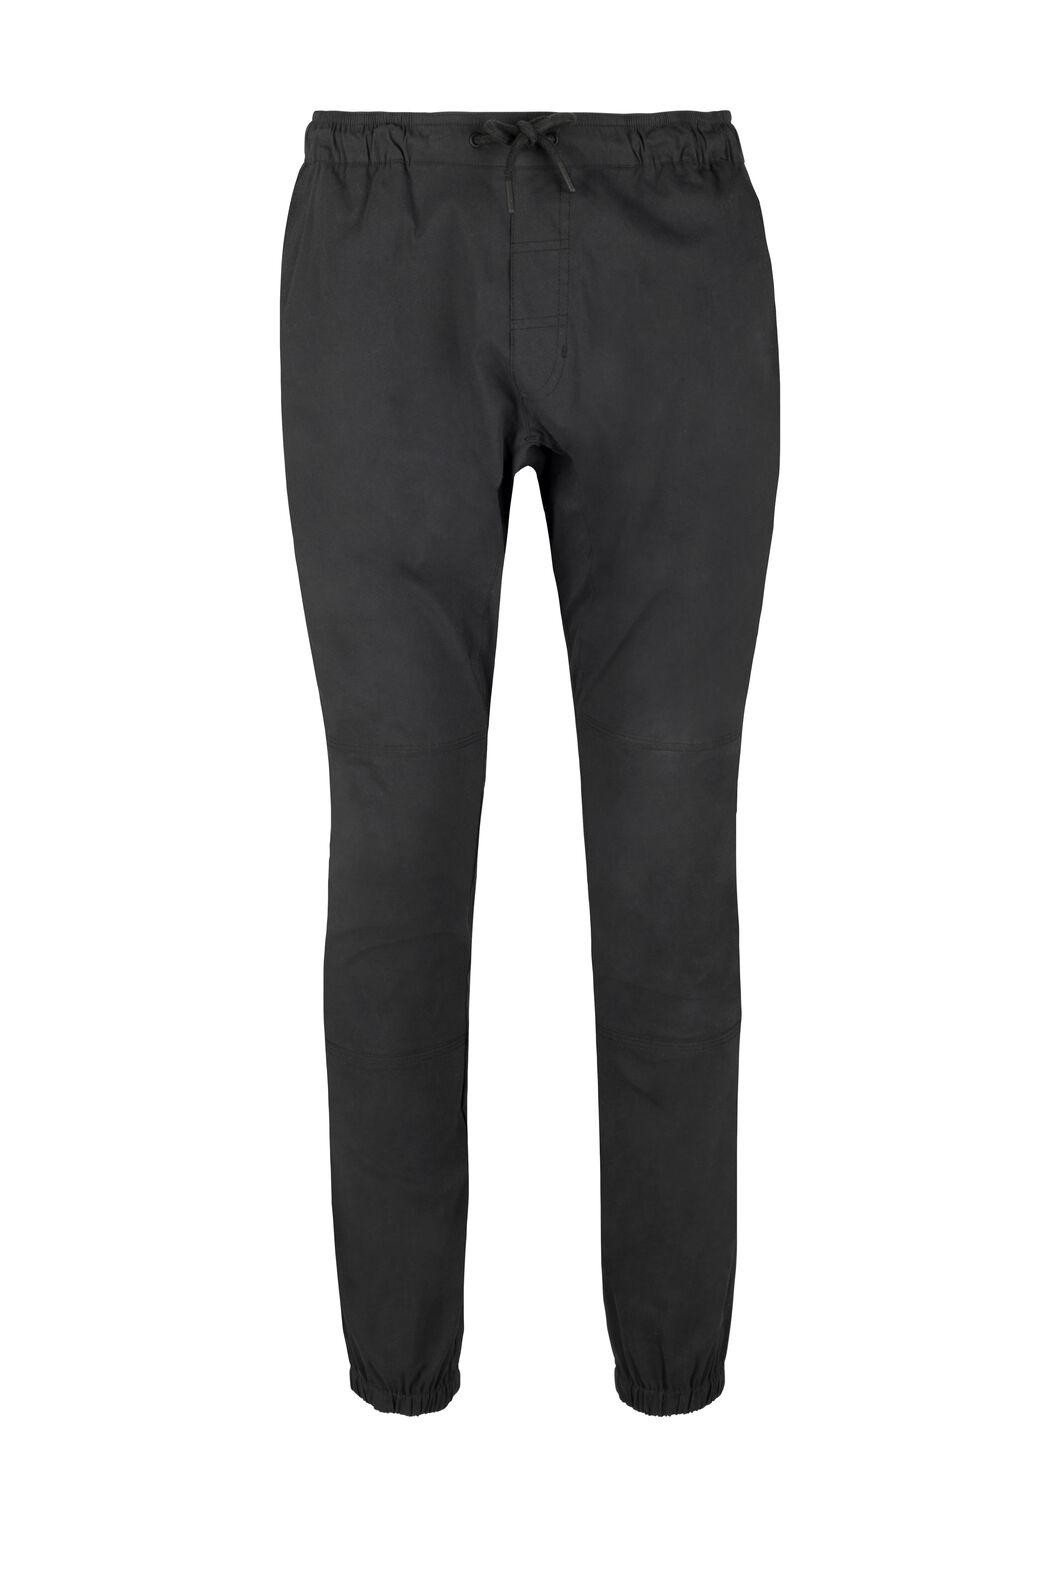 Macpac Sika Pants - Men's, Black, hi-res